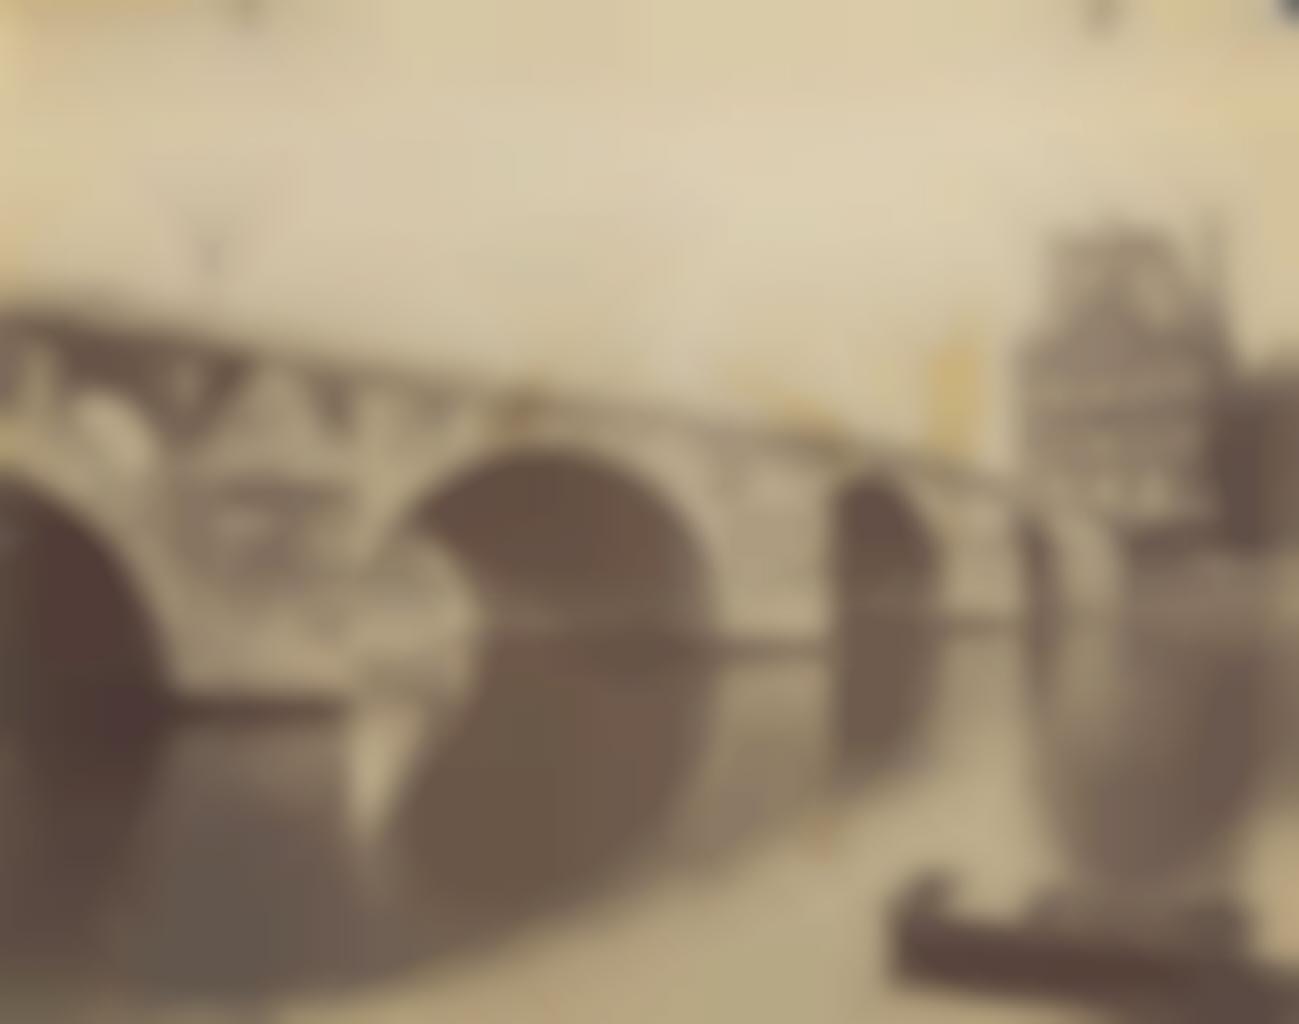 Eugene Atget-Pont Royal, Paris-1900